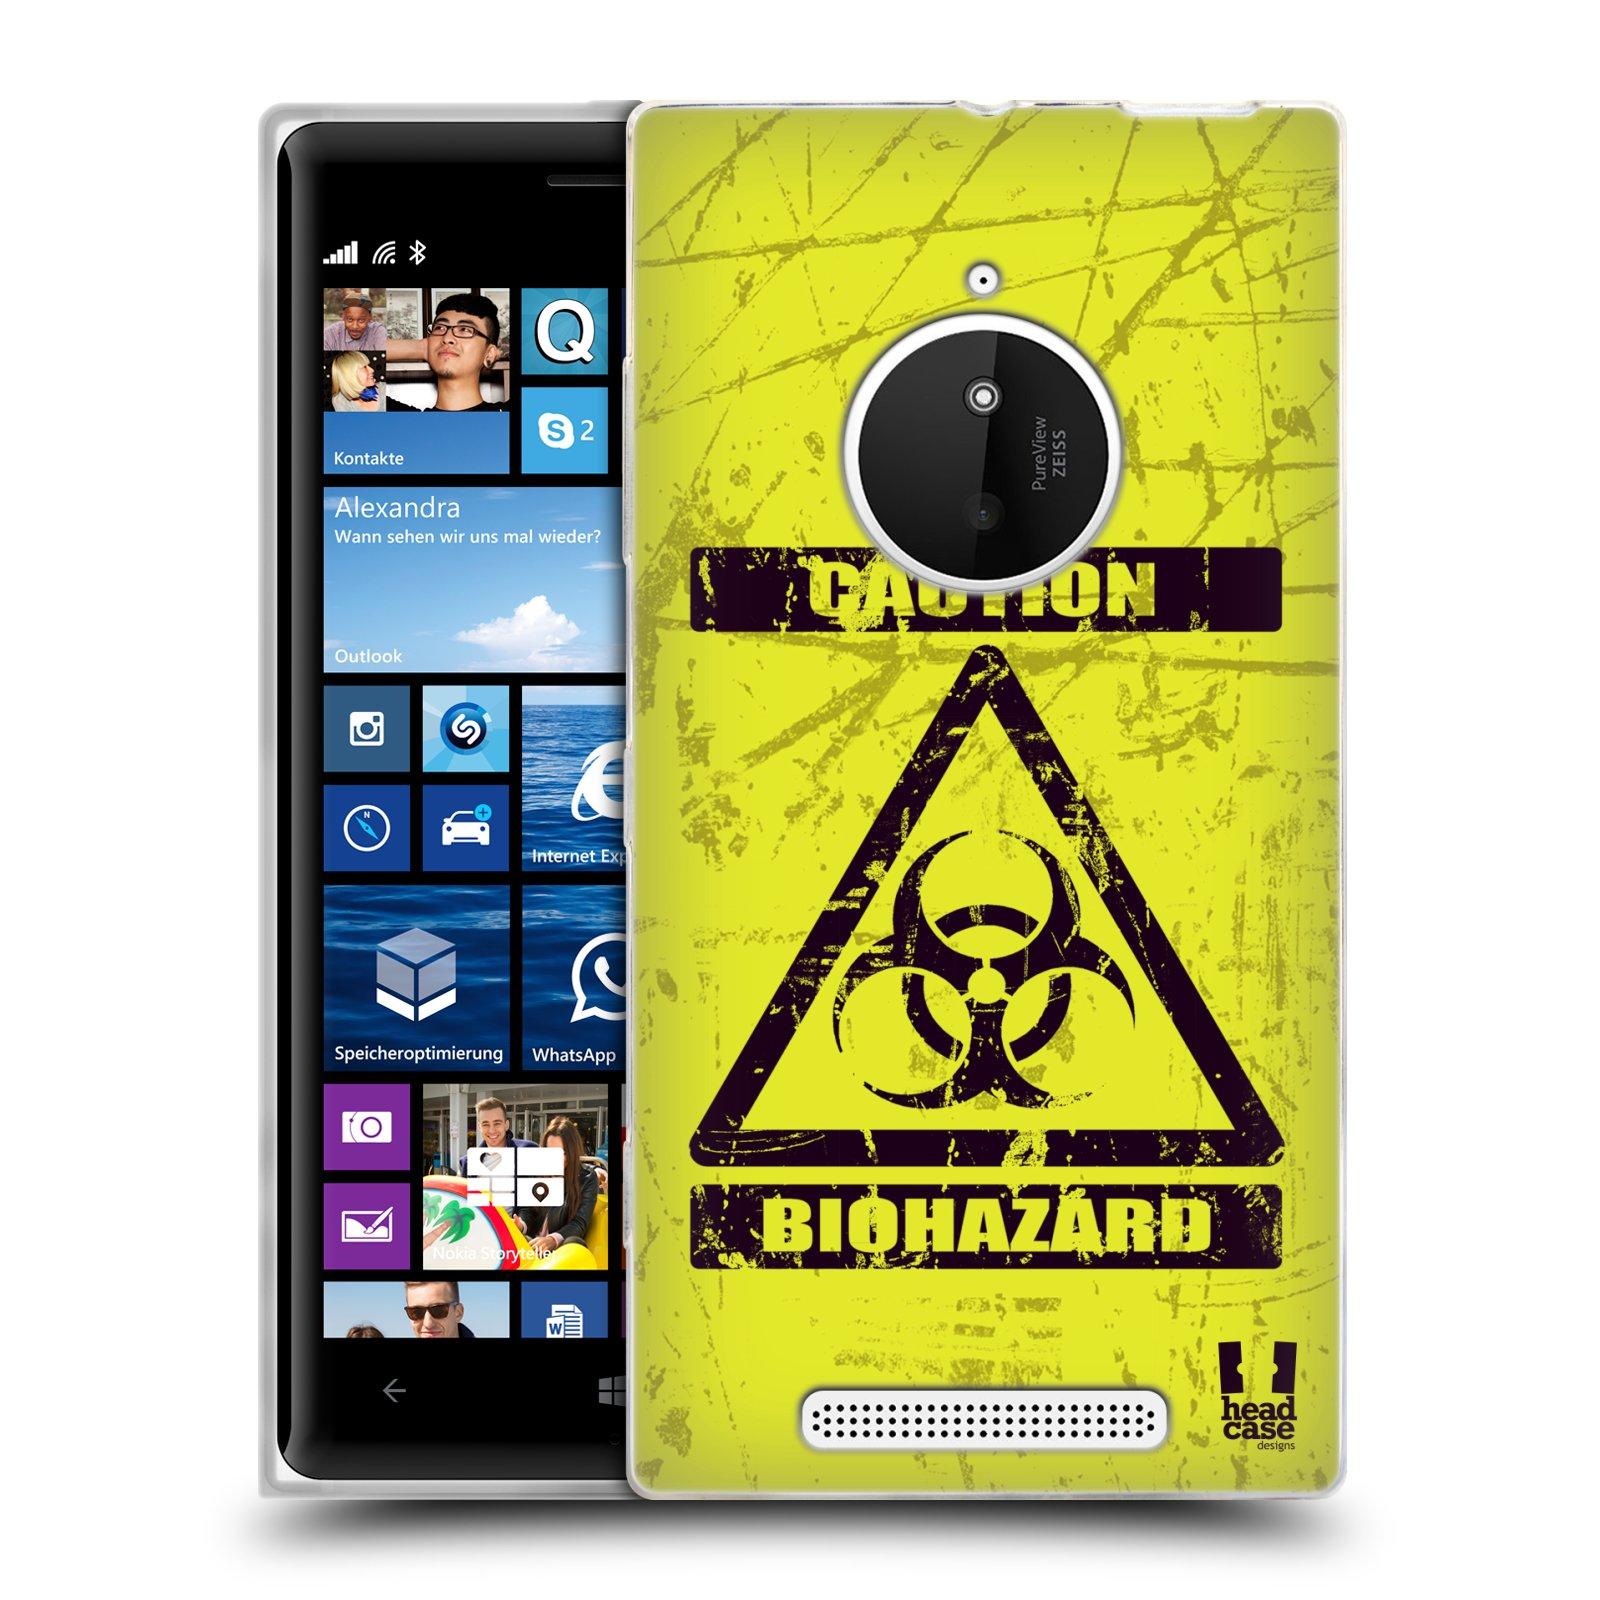 Silikonové pouzdro na mobil Nokia Lumia 830 HEAD CASE BIOHAZARD (Silikonový kryt či obal na mobilní telefon Nokia Lumia 830)